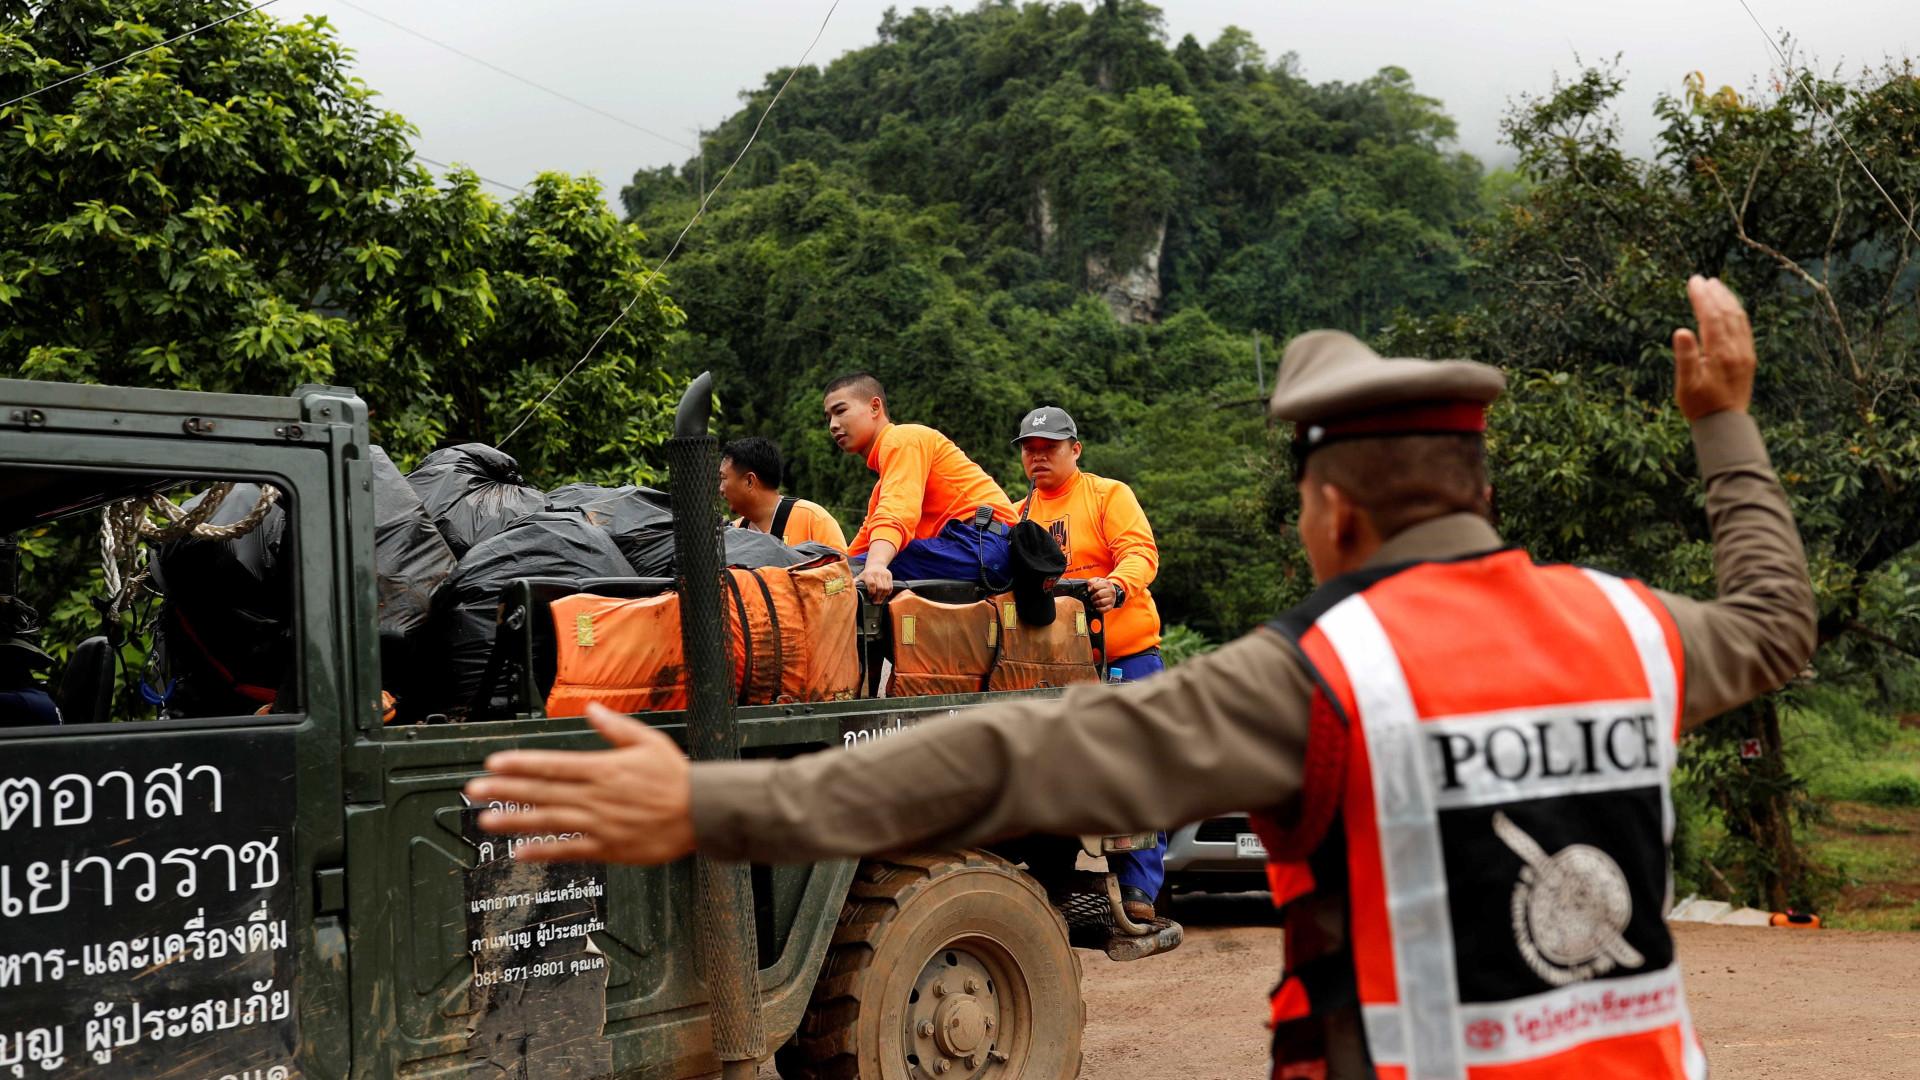 Autoridades mandam esvaziar área onde meninos estão presos na Tailândia